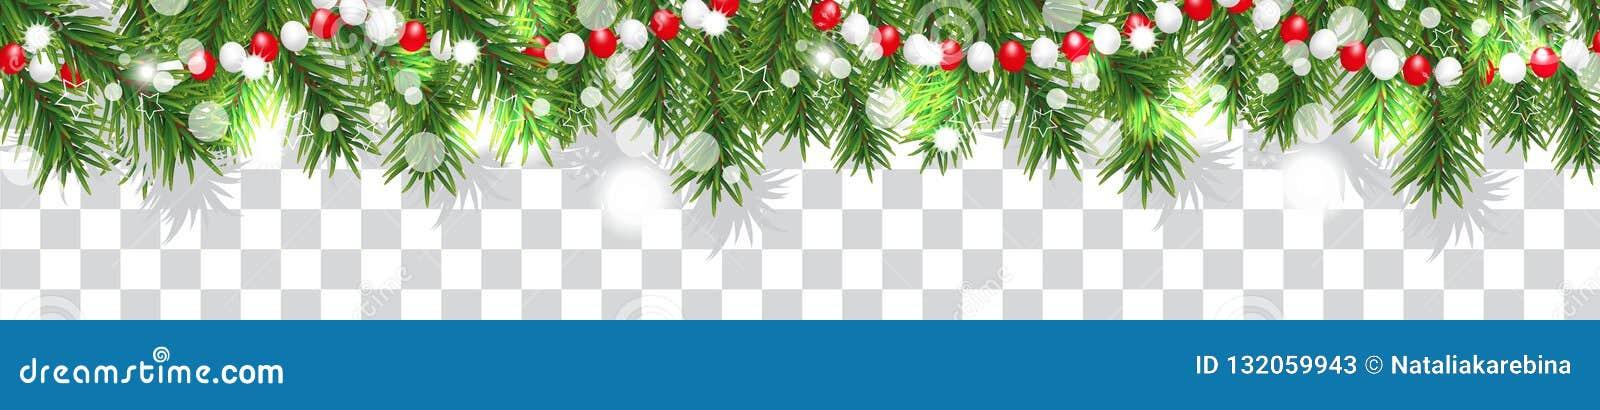 Nieuwjaar en Kerstmis de grensslinger van Kerstboom vertakt zich en parelt op transparante achtergrond Vakantiedecoratie Vector